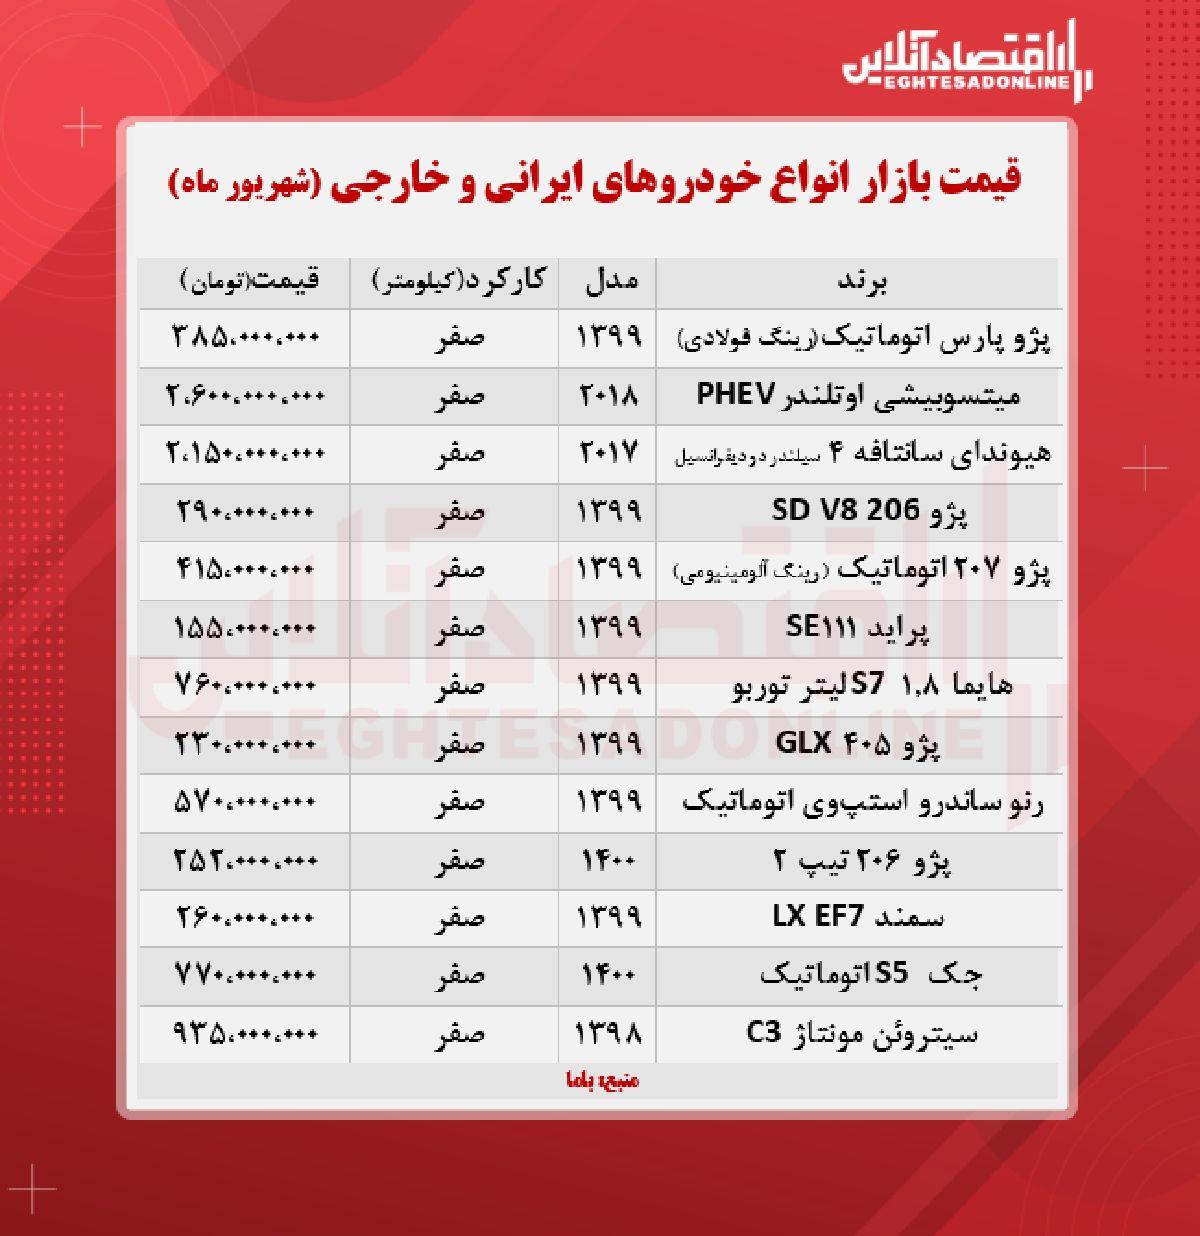 قیمت خودرو امروز ۱۴۰۰/۶/۲۱